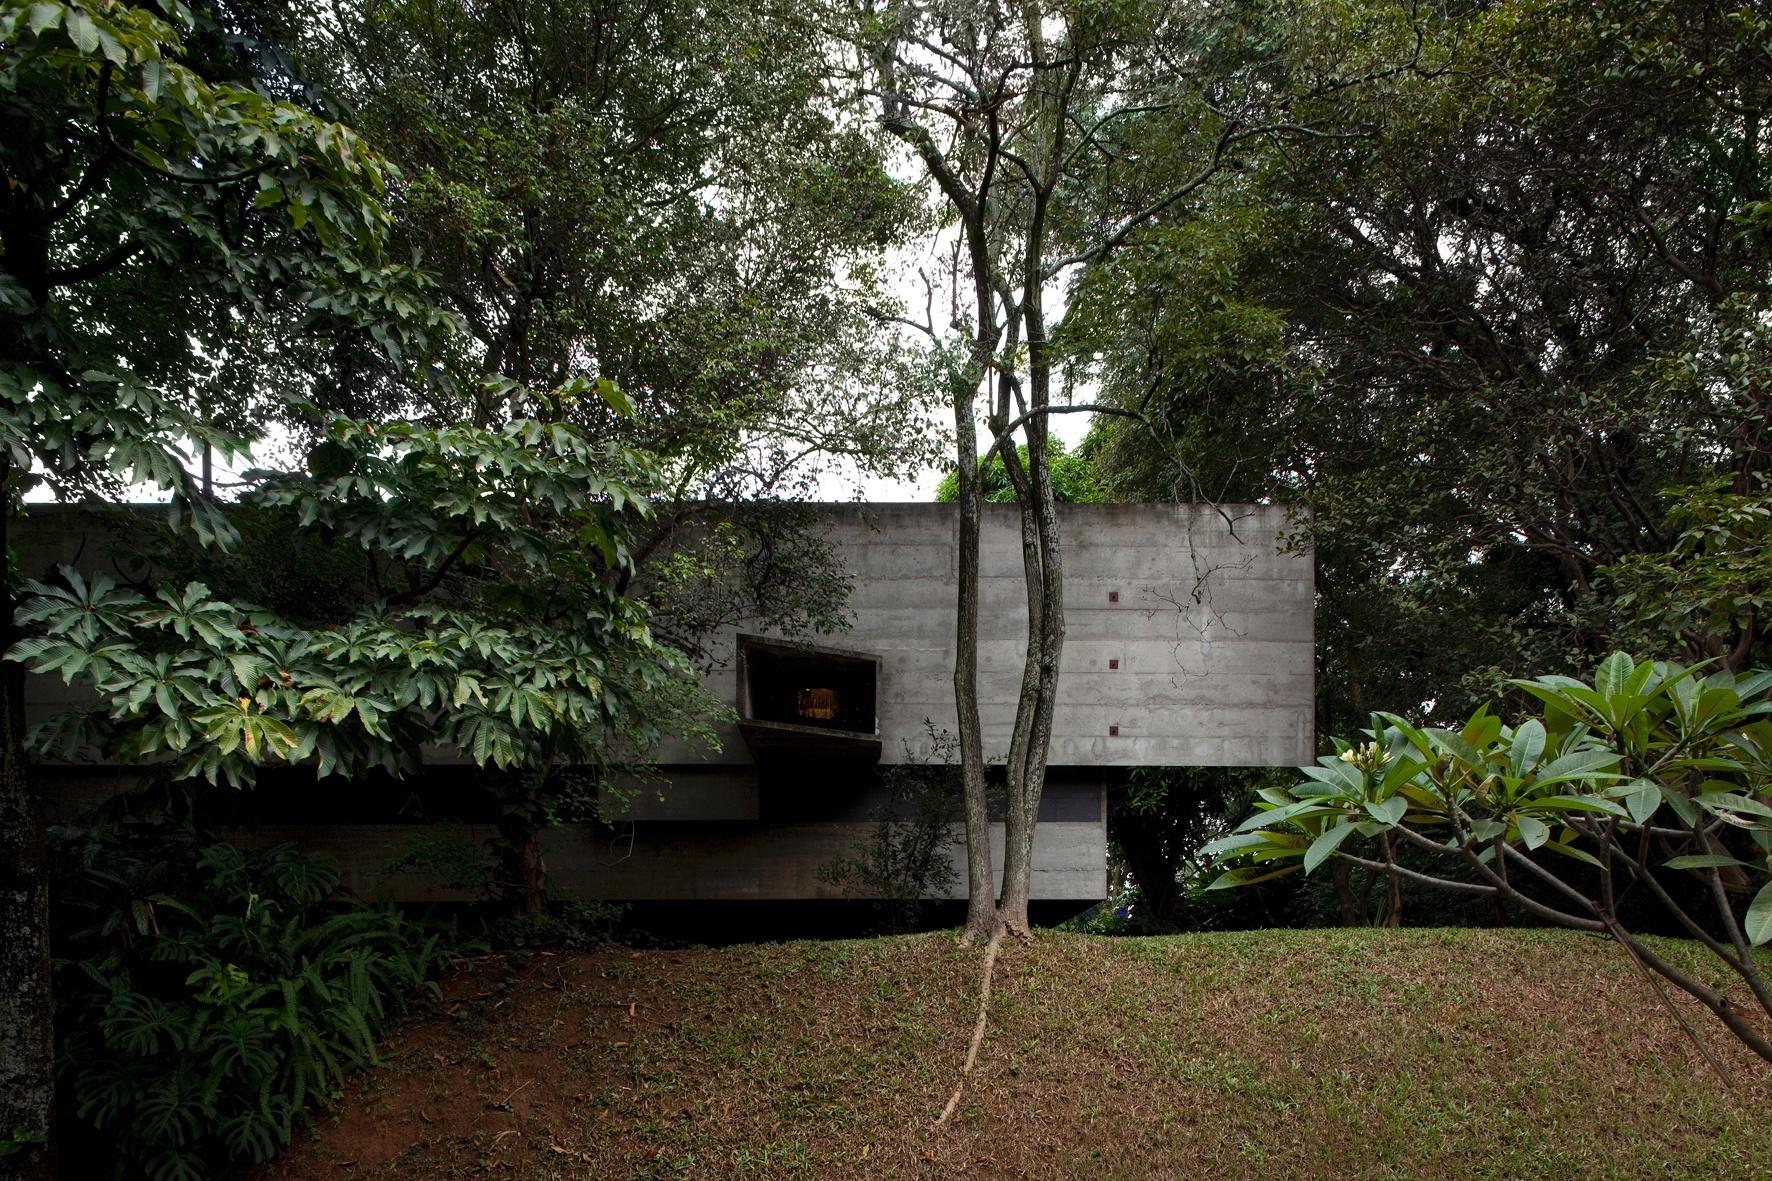 Na fachada lateral se destaca a sobreposição dos volumes de concreto que compõem a casa Butantã, desenhada pelo arquiteto Paulo Mendes da Rocha nos anos 1960. A janela assimétrica permite a entrada de iluminação natural no escritório e é o ponto de atração do olhar